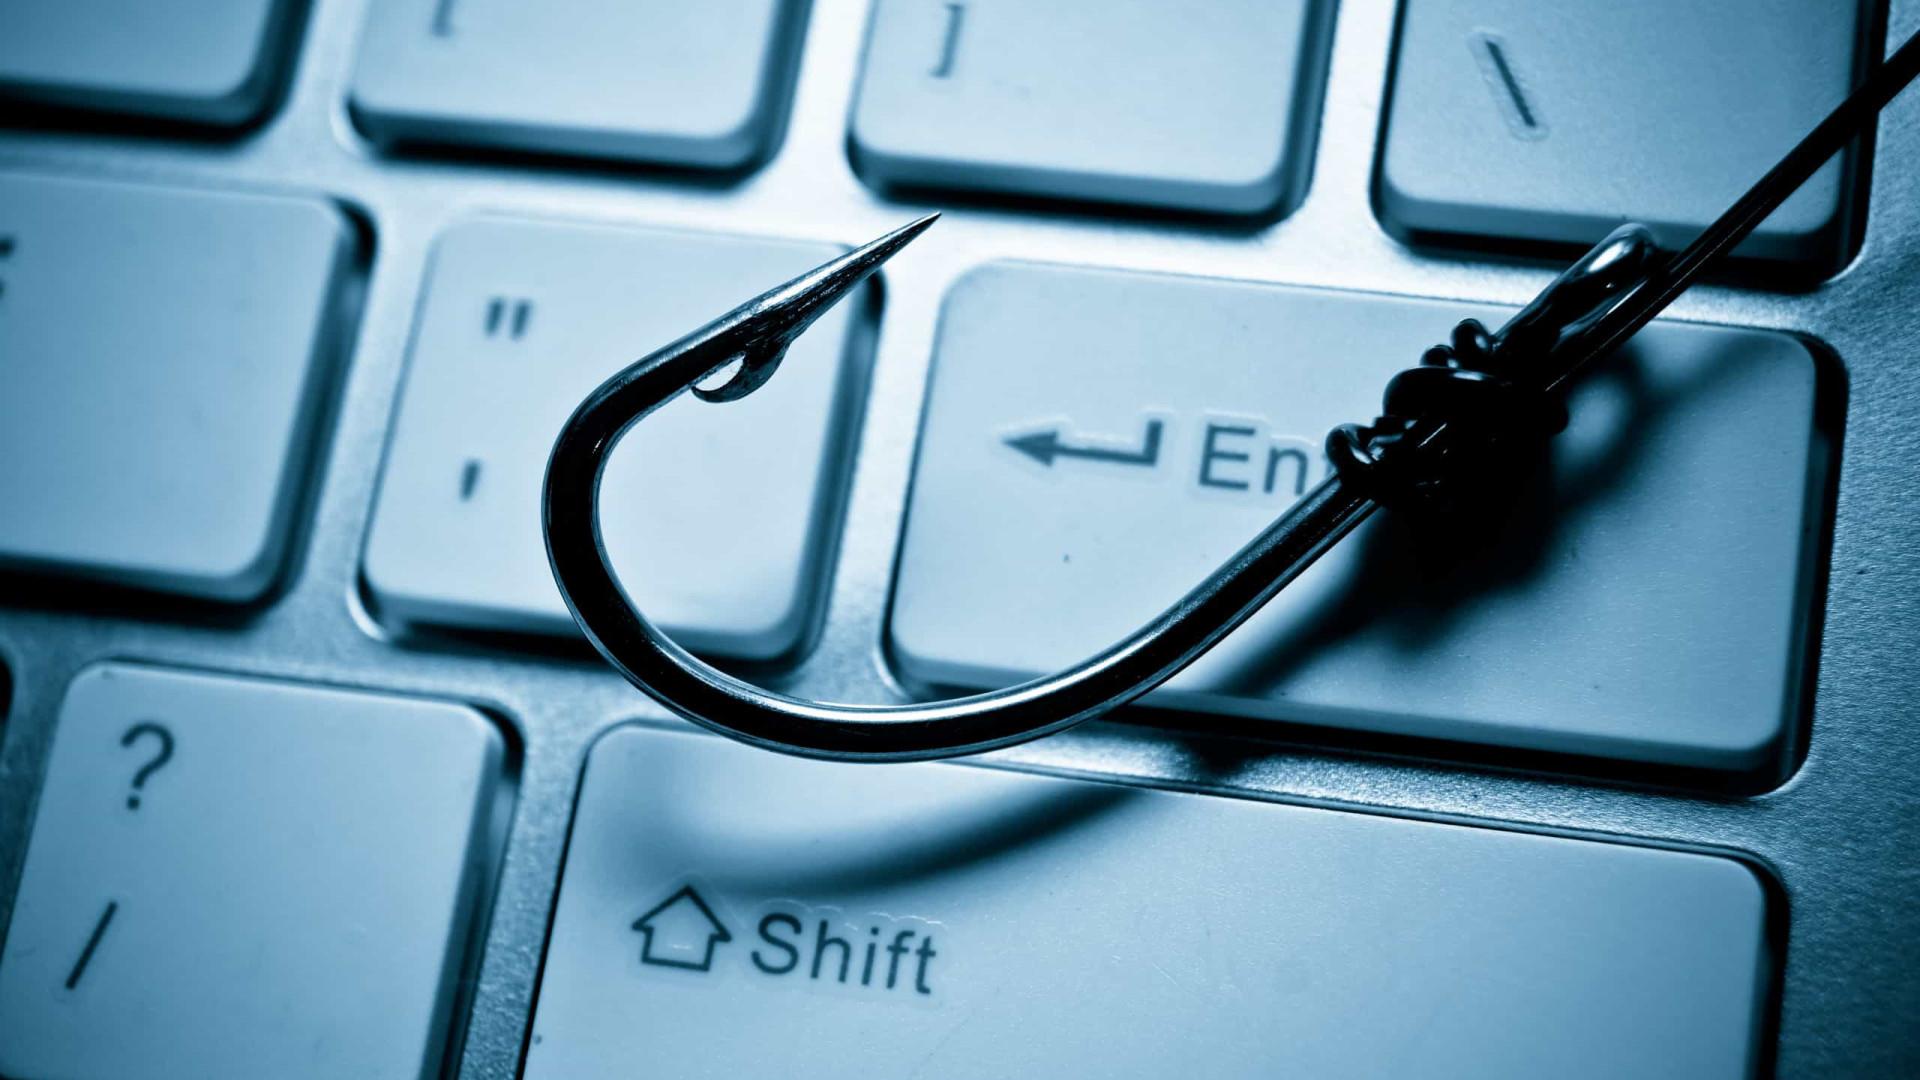 Brasil é o país com maior número de vítimas de phishing na internet